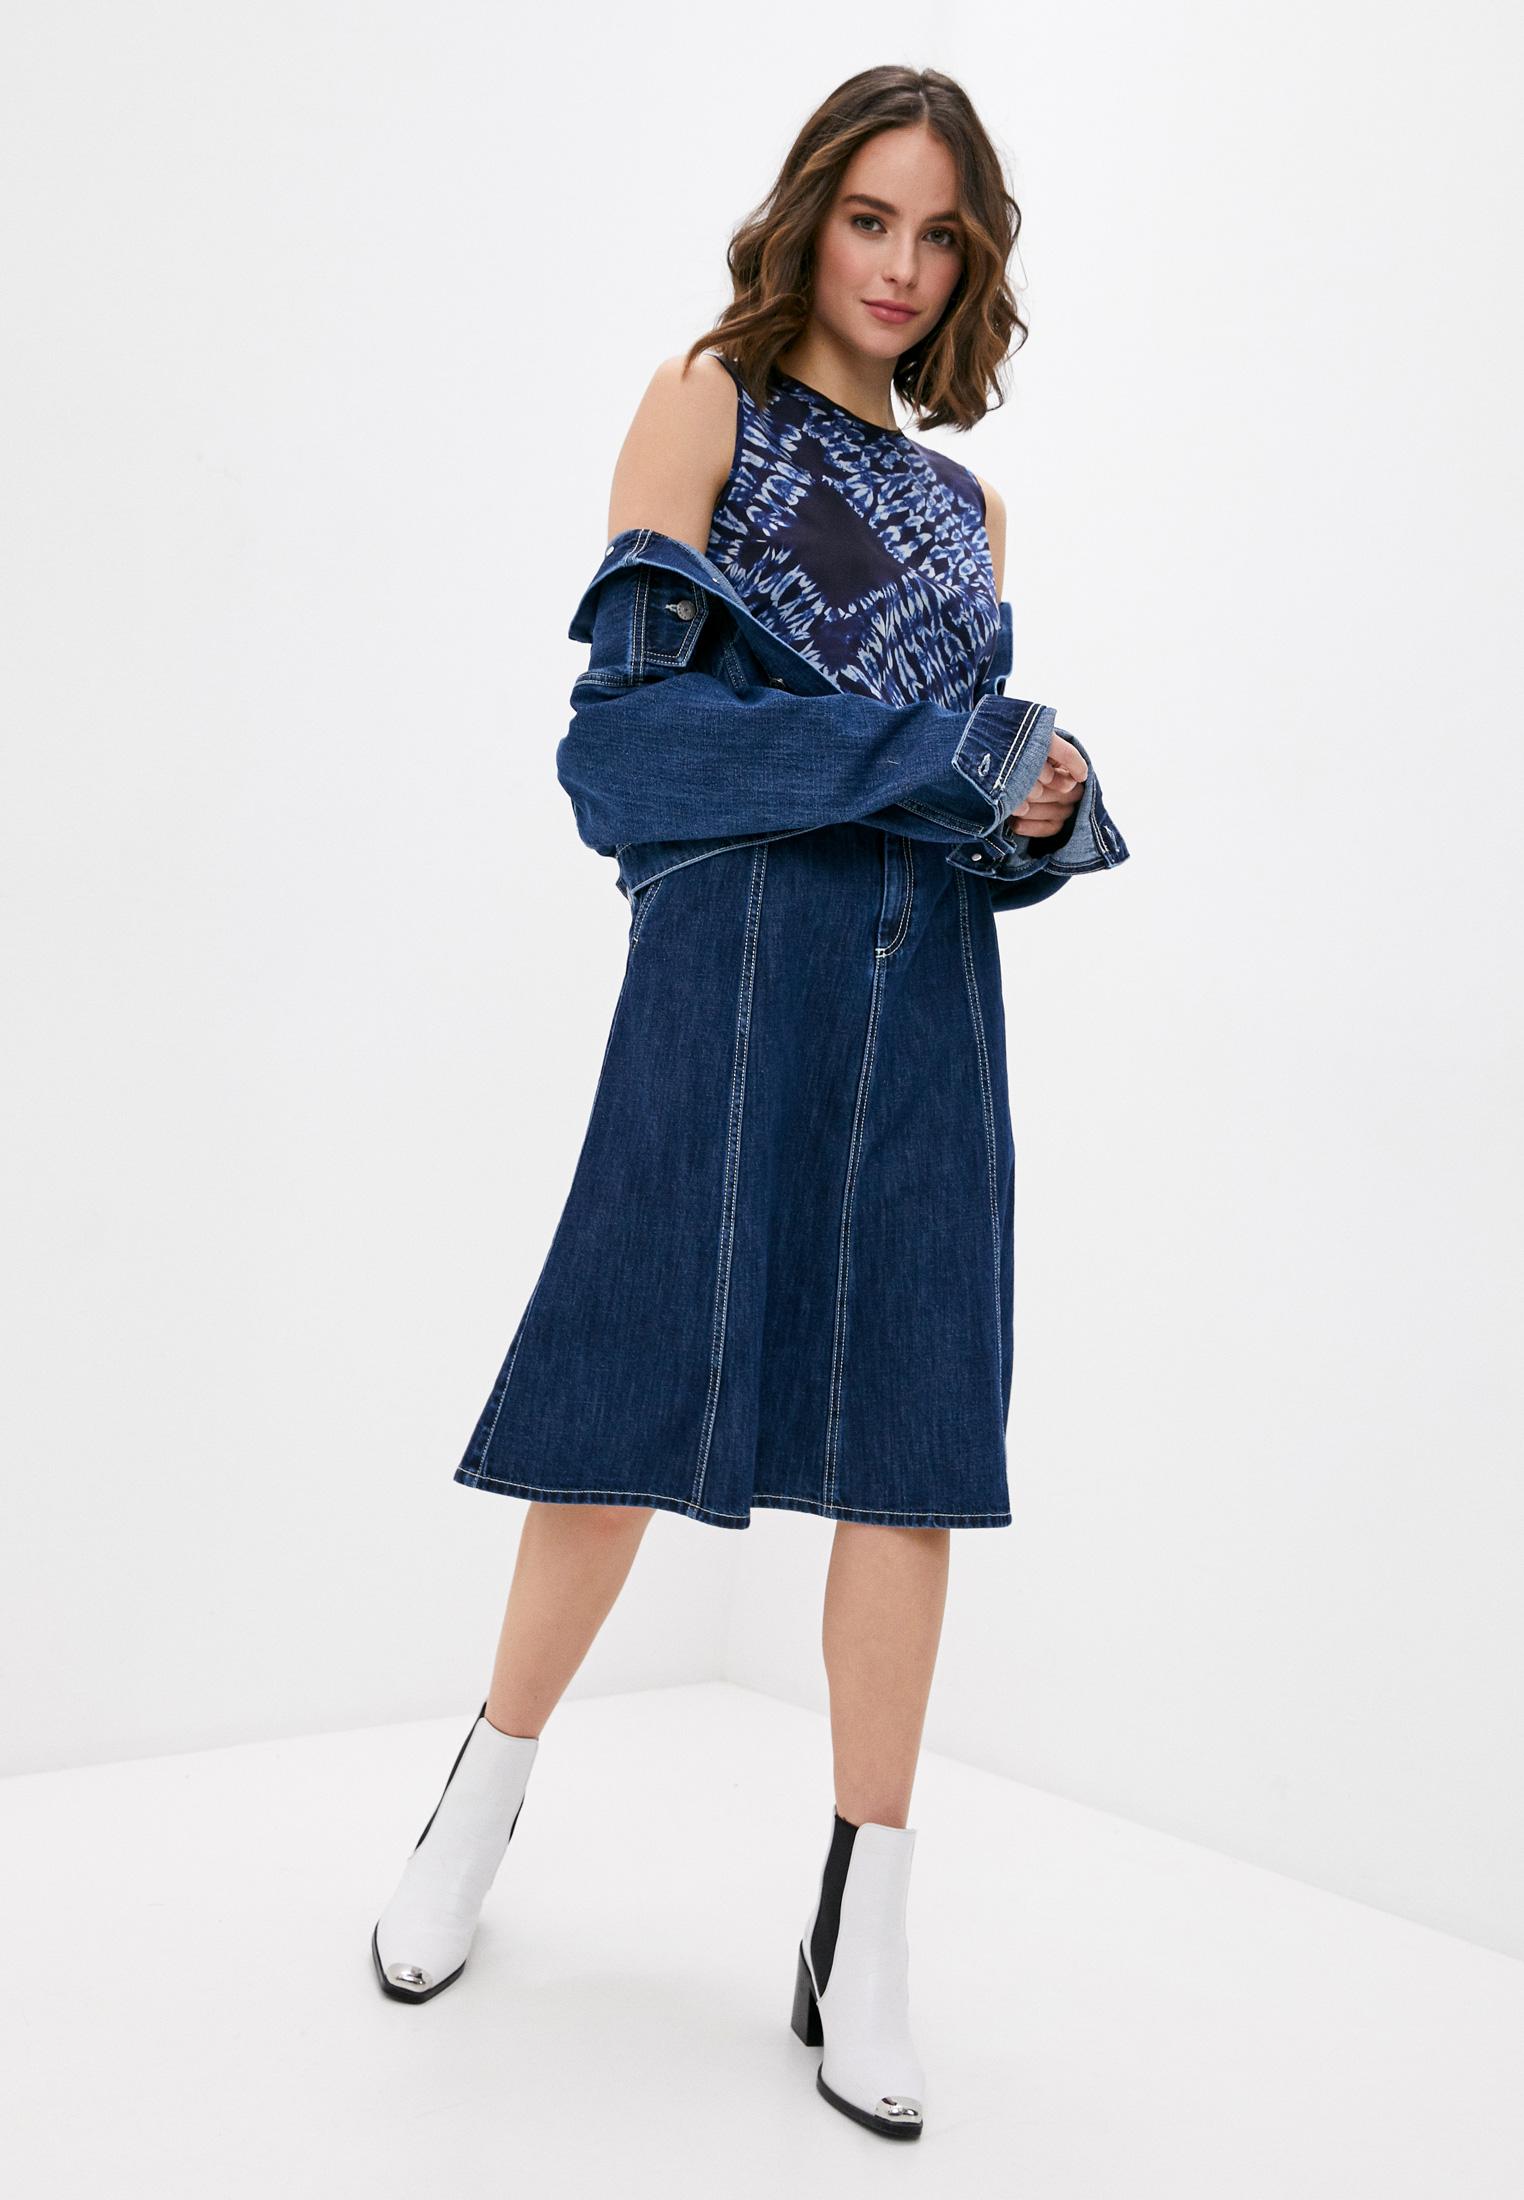 Джинсовая юбка P.A.R.O.S.H. CEANSID620407: изображение 3